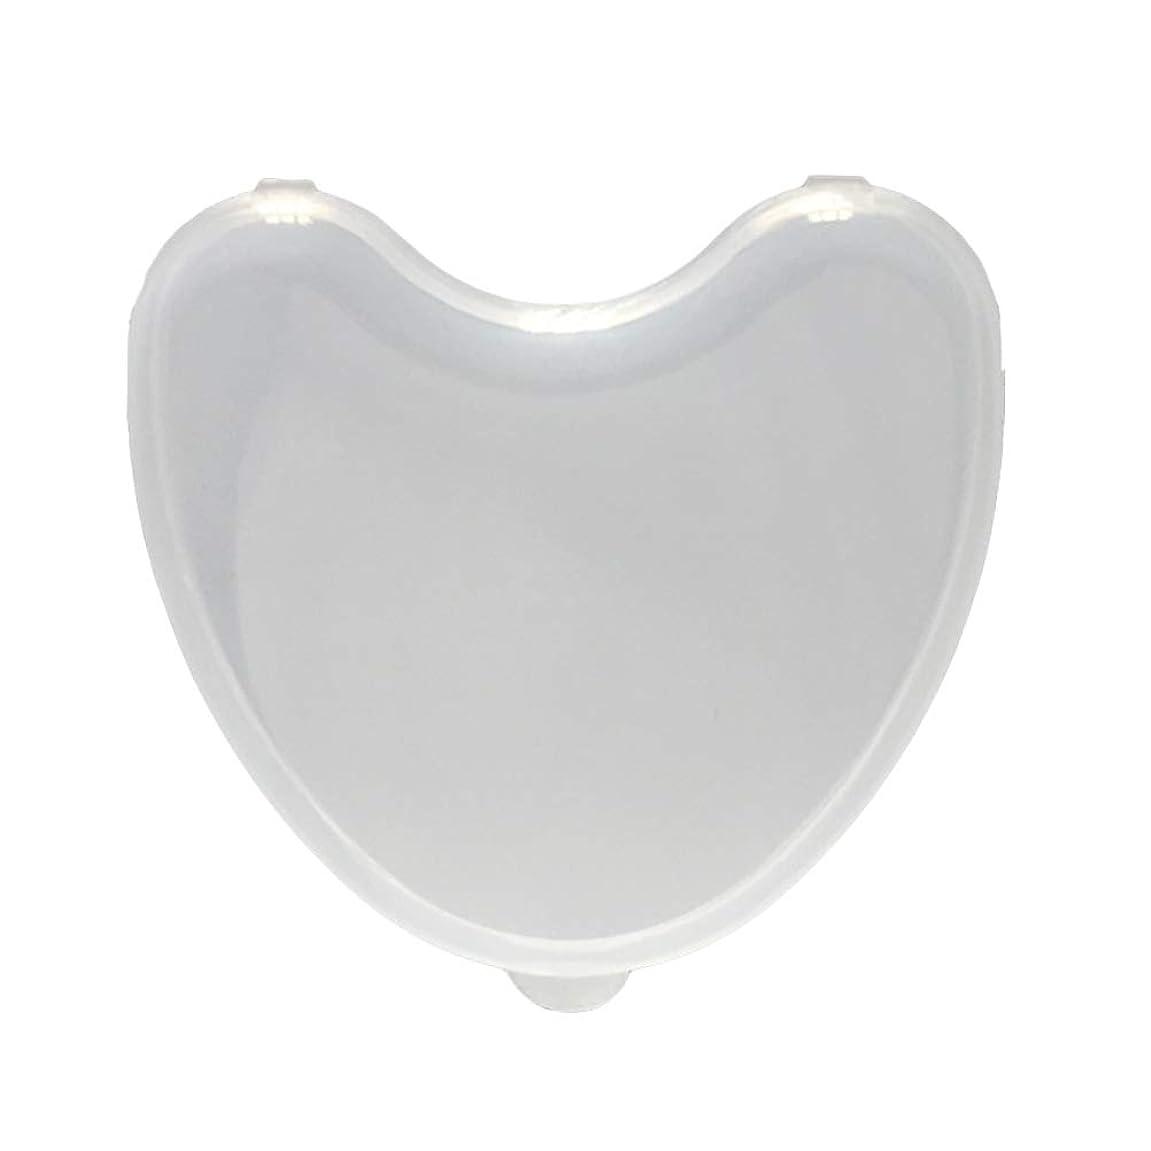 したい傷つける熟達したFrcolor 義歯ケース 入れ歯ケース 入れ歯収納 義歯ボックス 義歯収納容器 リテーナーボックス 旅行 携帯用 1個 透明